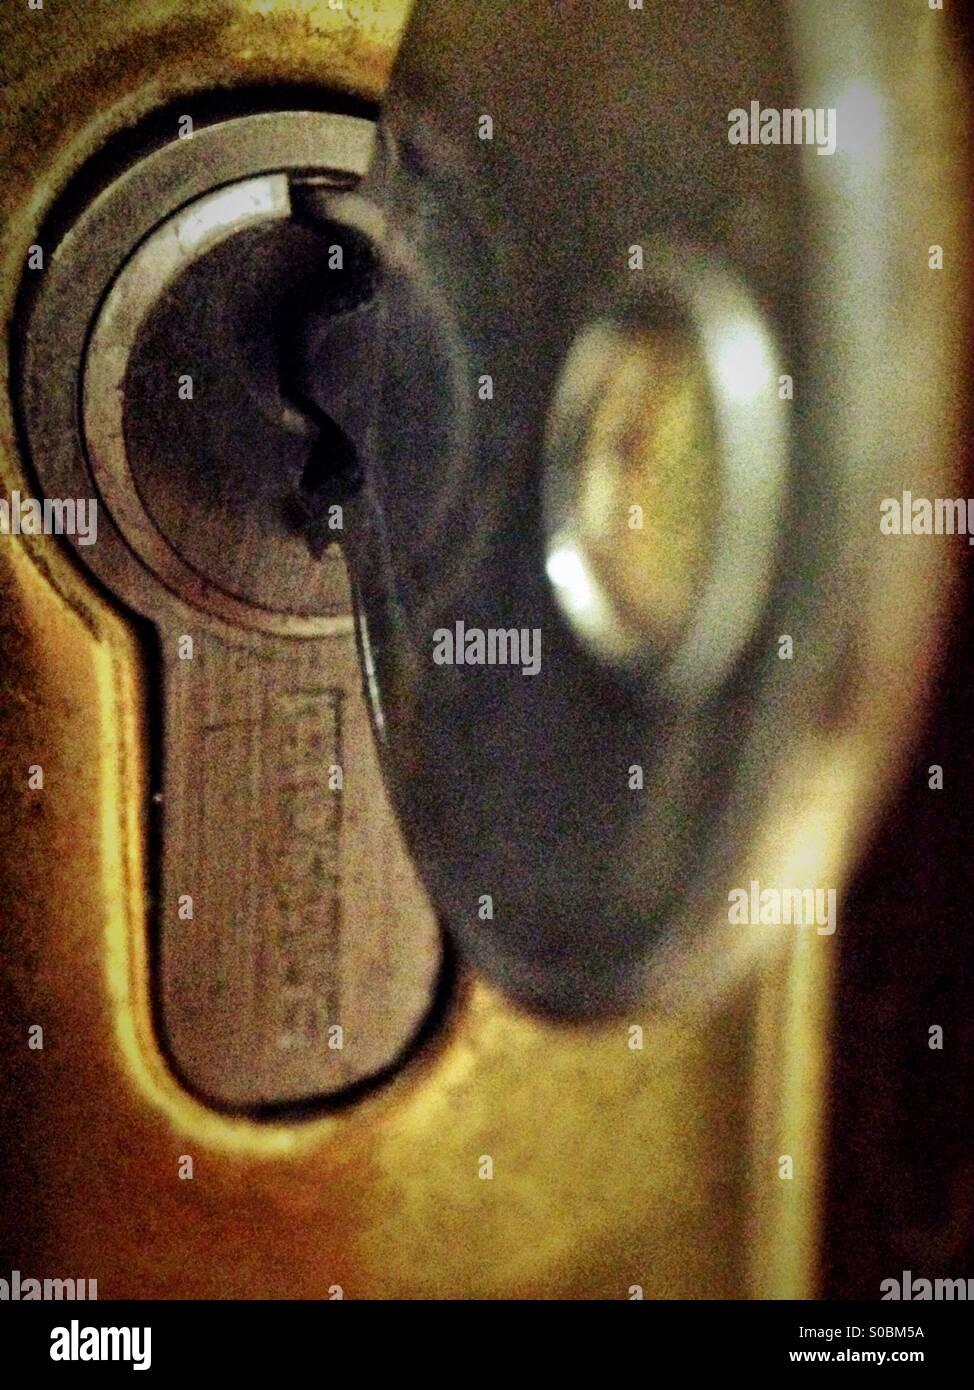 Unlocking the door - Stock Image